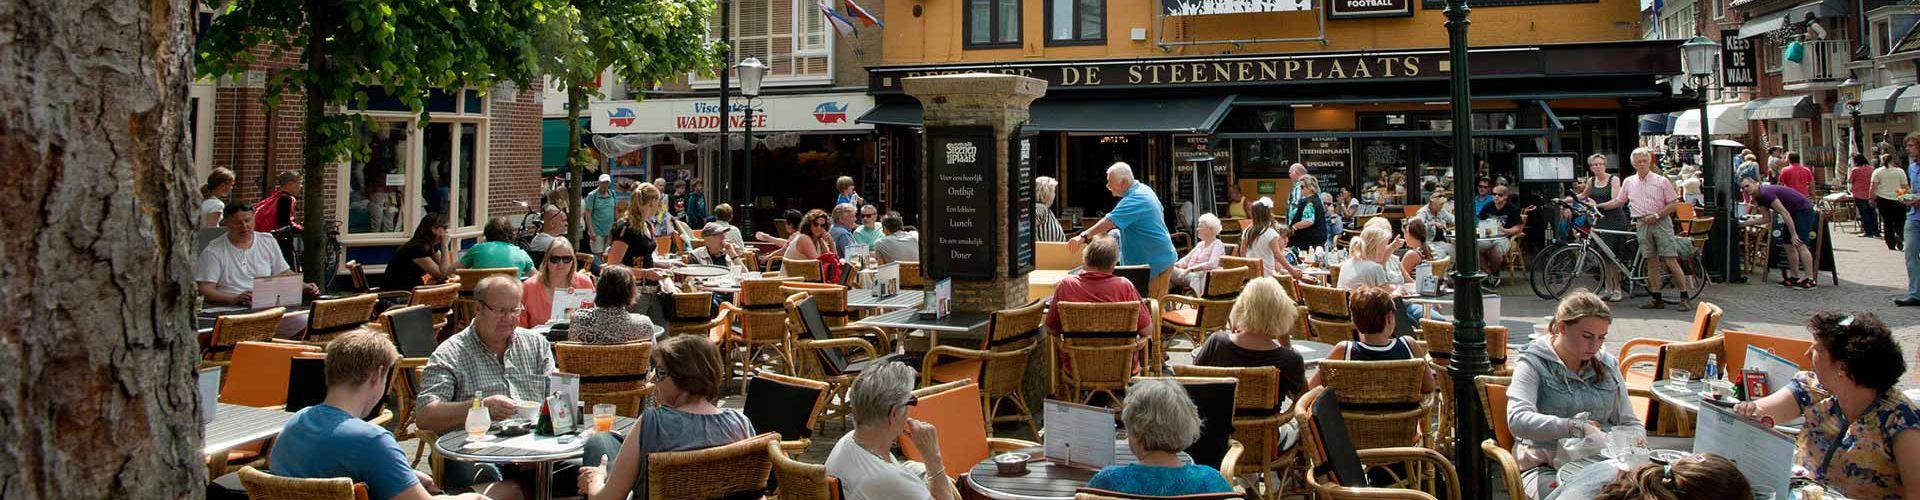 eetcafe-texel-steenenplaats-slider-terras.jpg